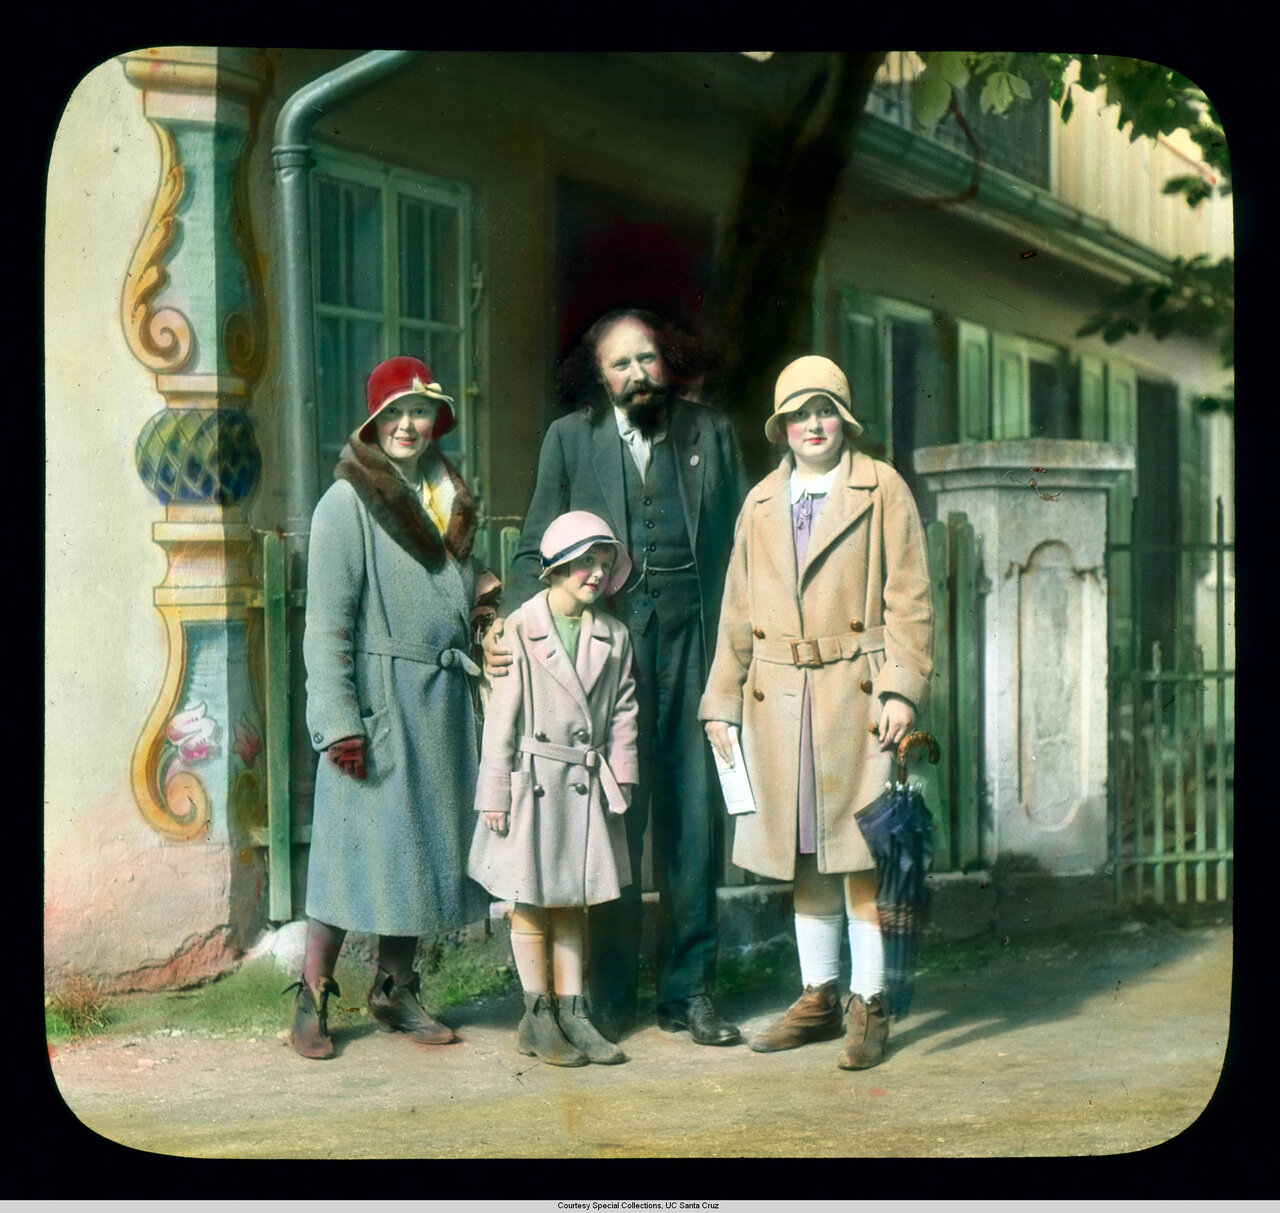 Обераммергау. Страсти Христовы. Алоис Лэнг (Иисус в пьесе 1930 г.) с туристами